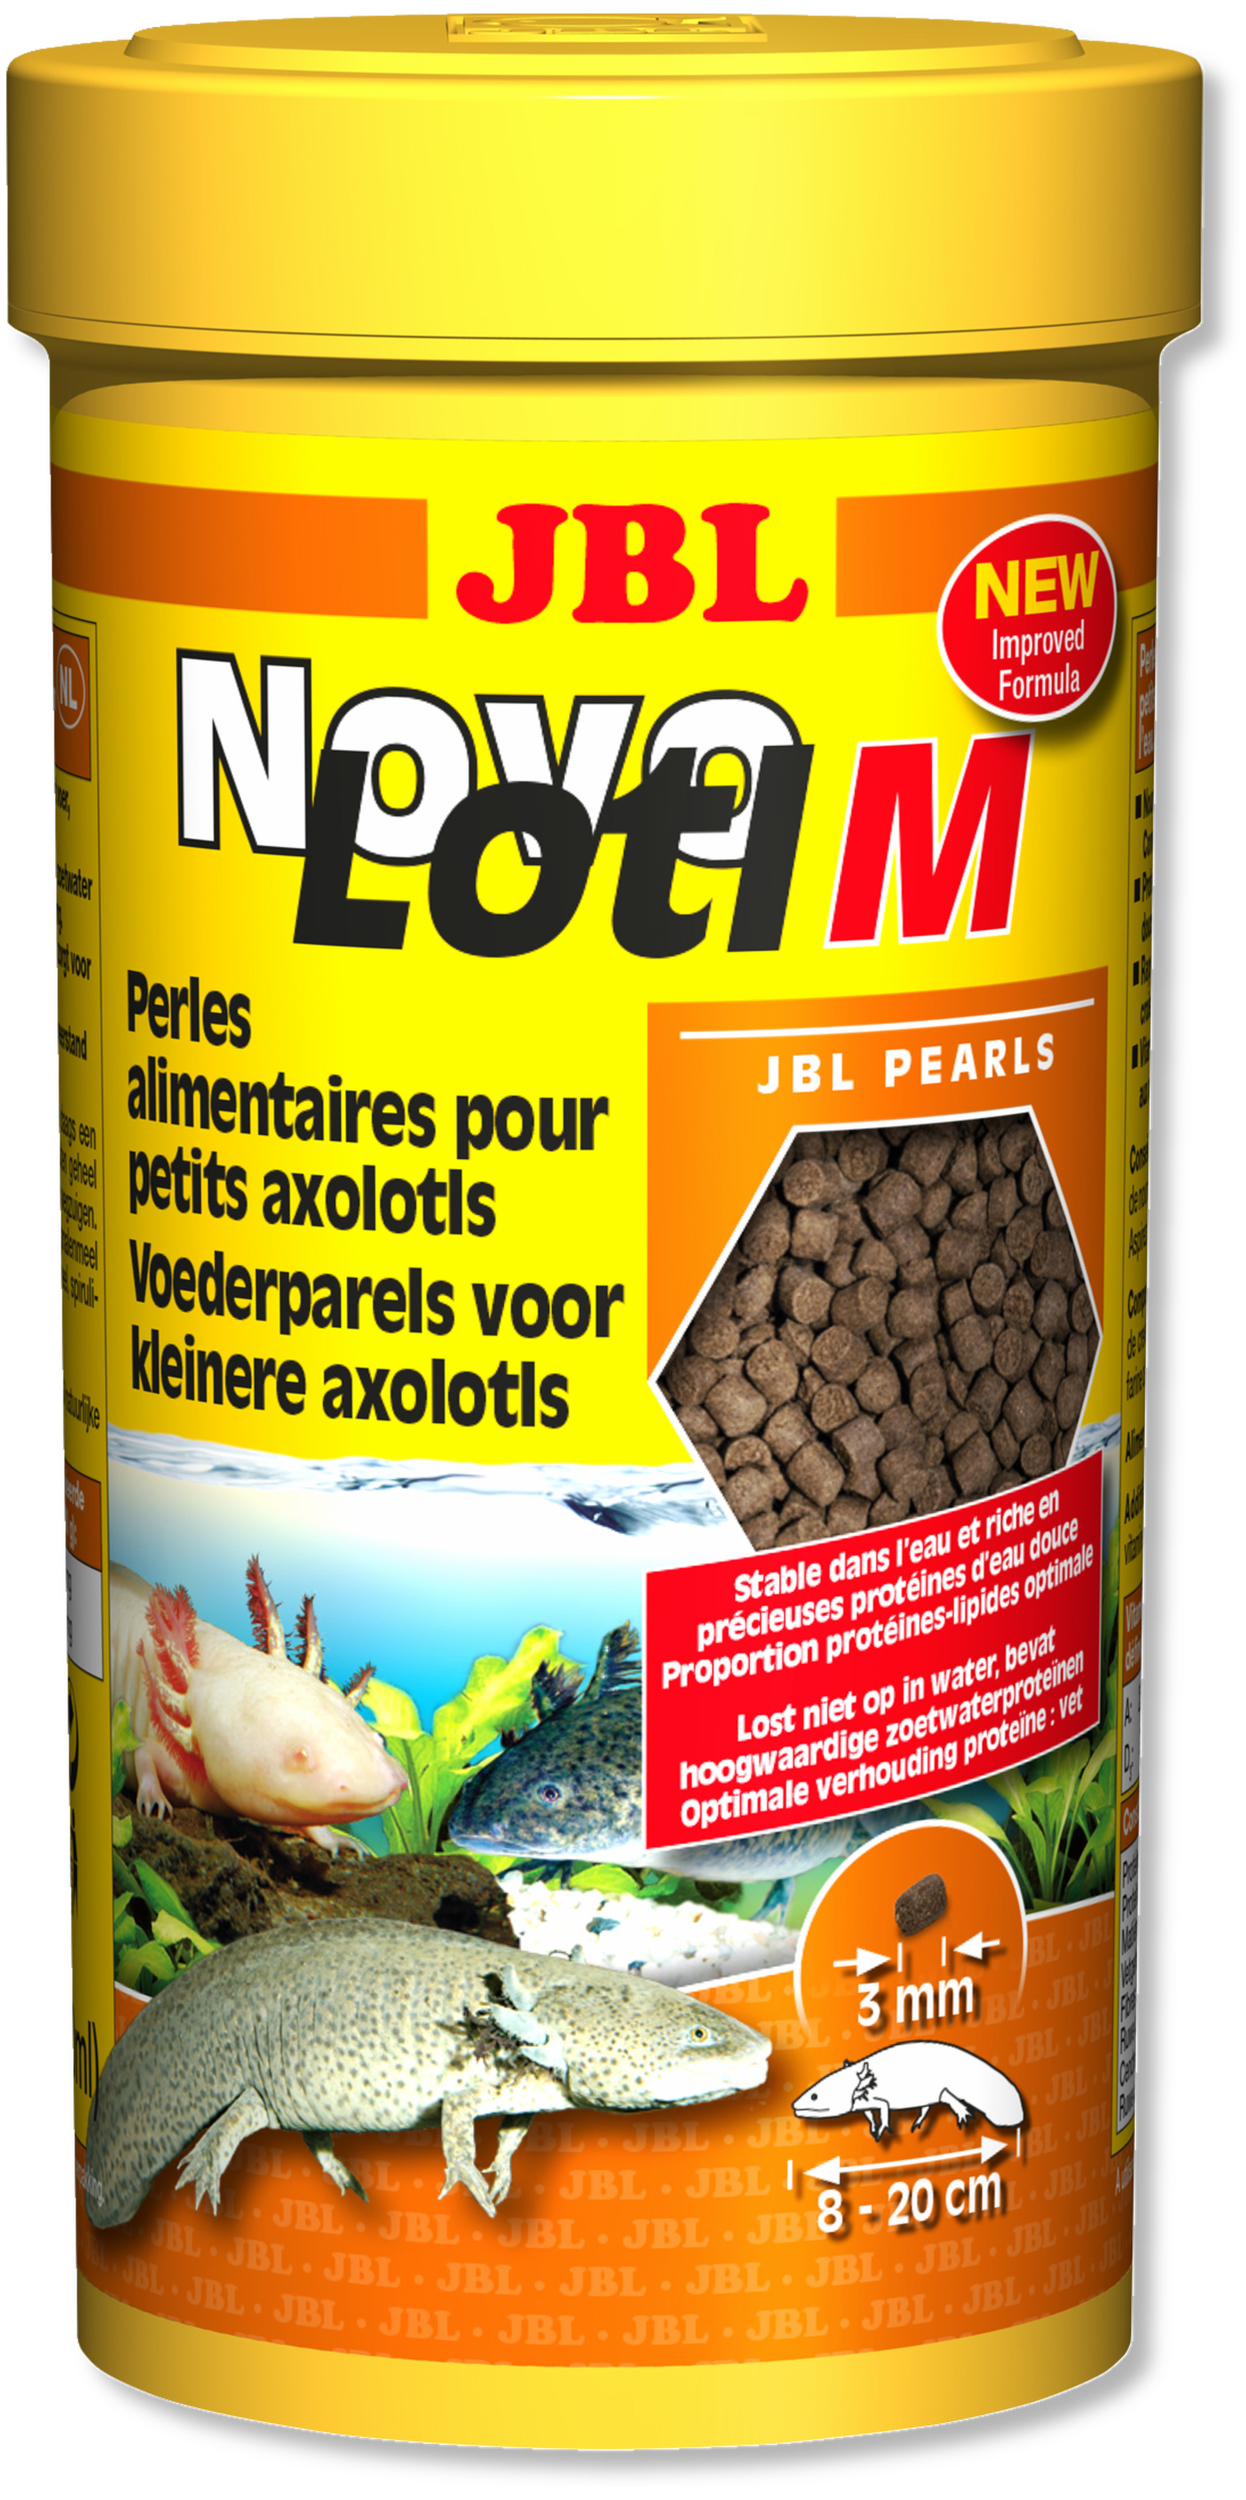 JBL NovoLotl M 250ml perles alimentaires submersibles pour Axolotls de 8 à 20 cm